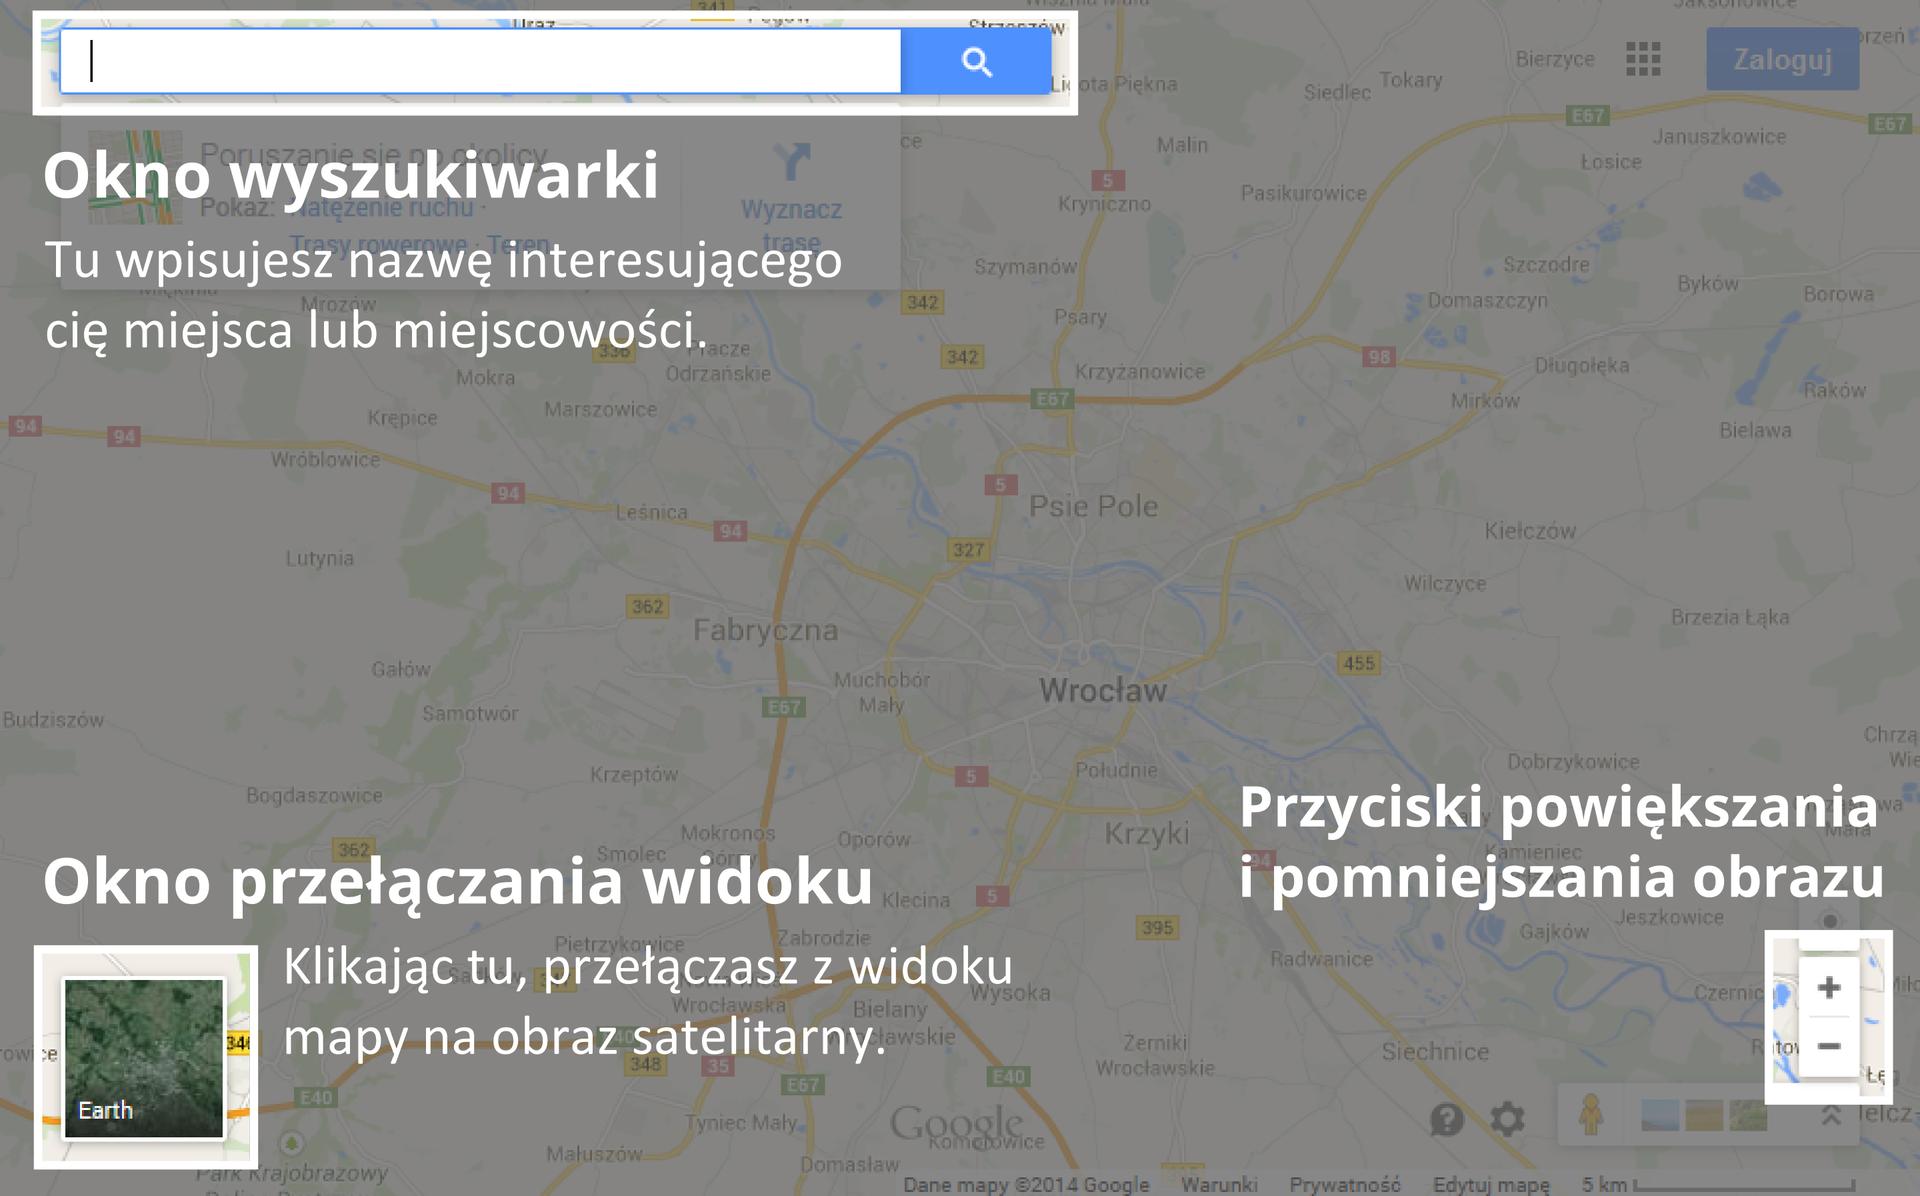 Ilustracja pokazuje podstawowe elementy aplikacji mapy google. Wlewym górnym rogu jest okno wyszukiwarki. Wlewym dolnym rogu jest okno przełączania zwidoku mapy na widok satelitarny. Wprawym dolnym rogu są przyciski pomniejszania ipowiększania.